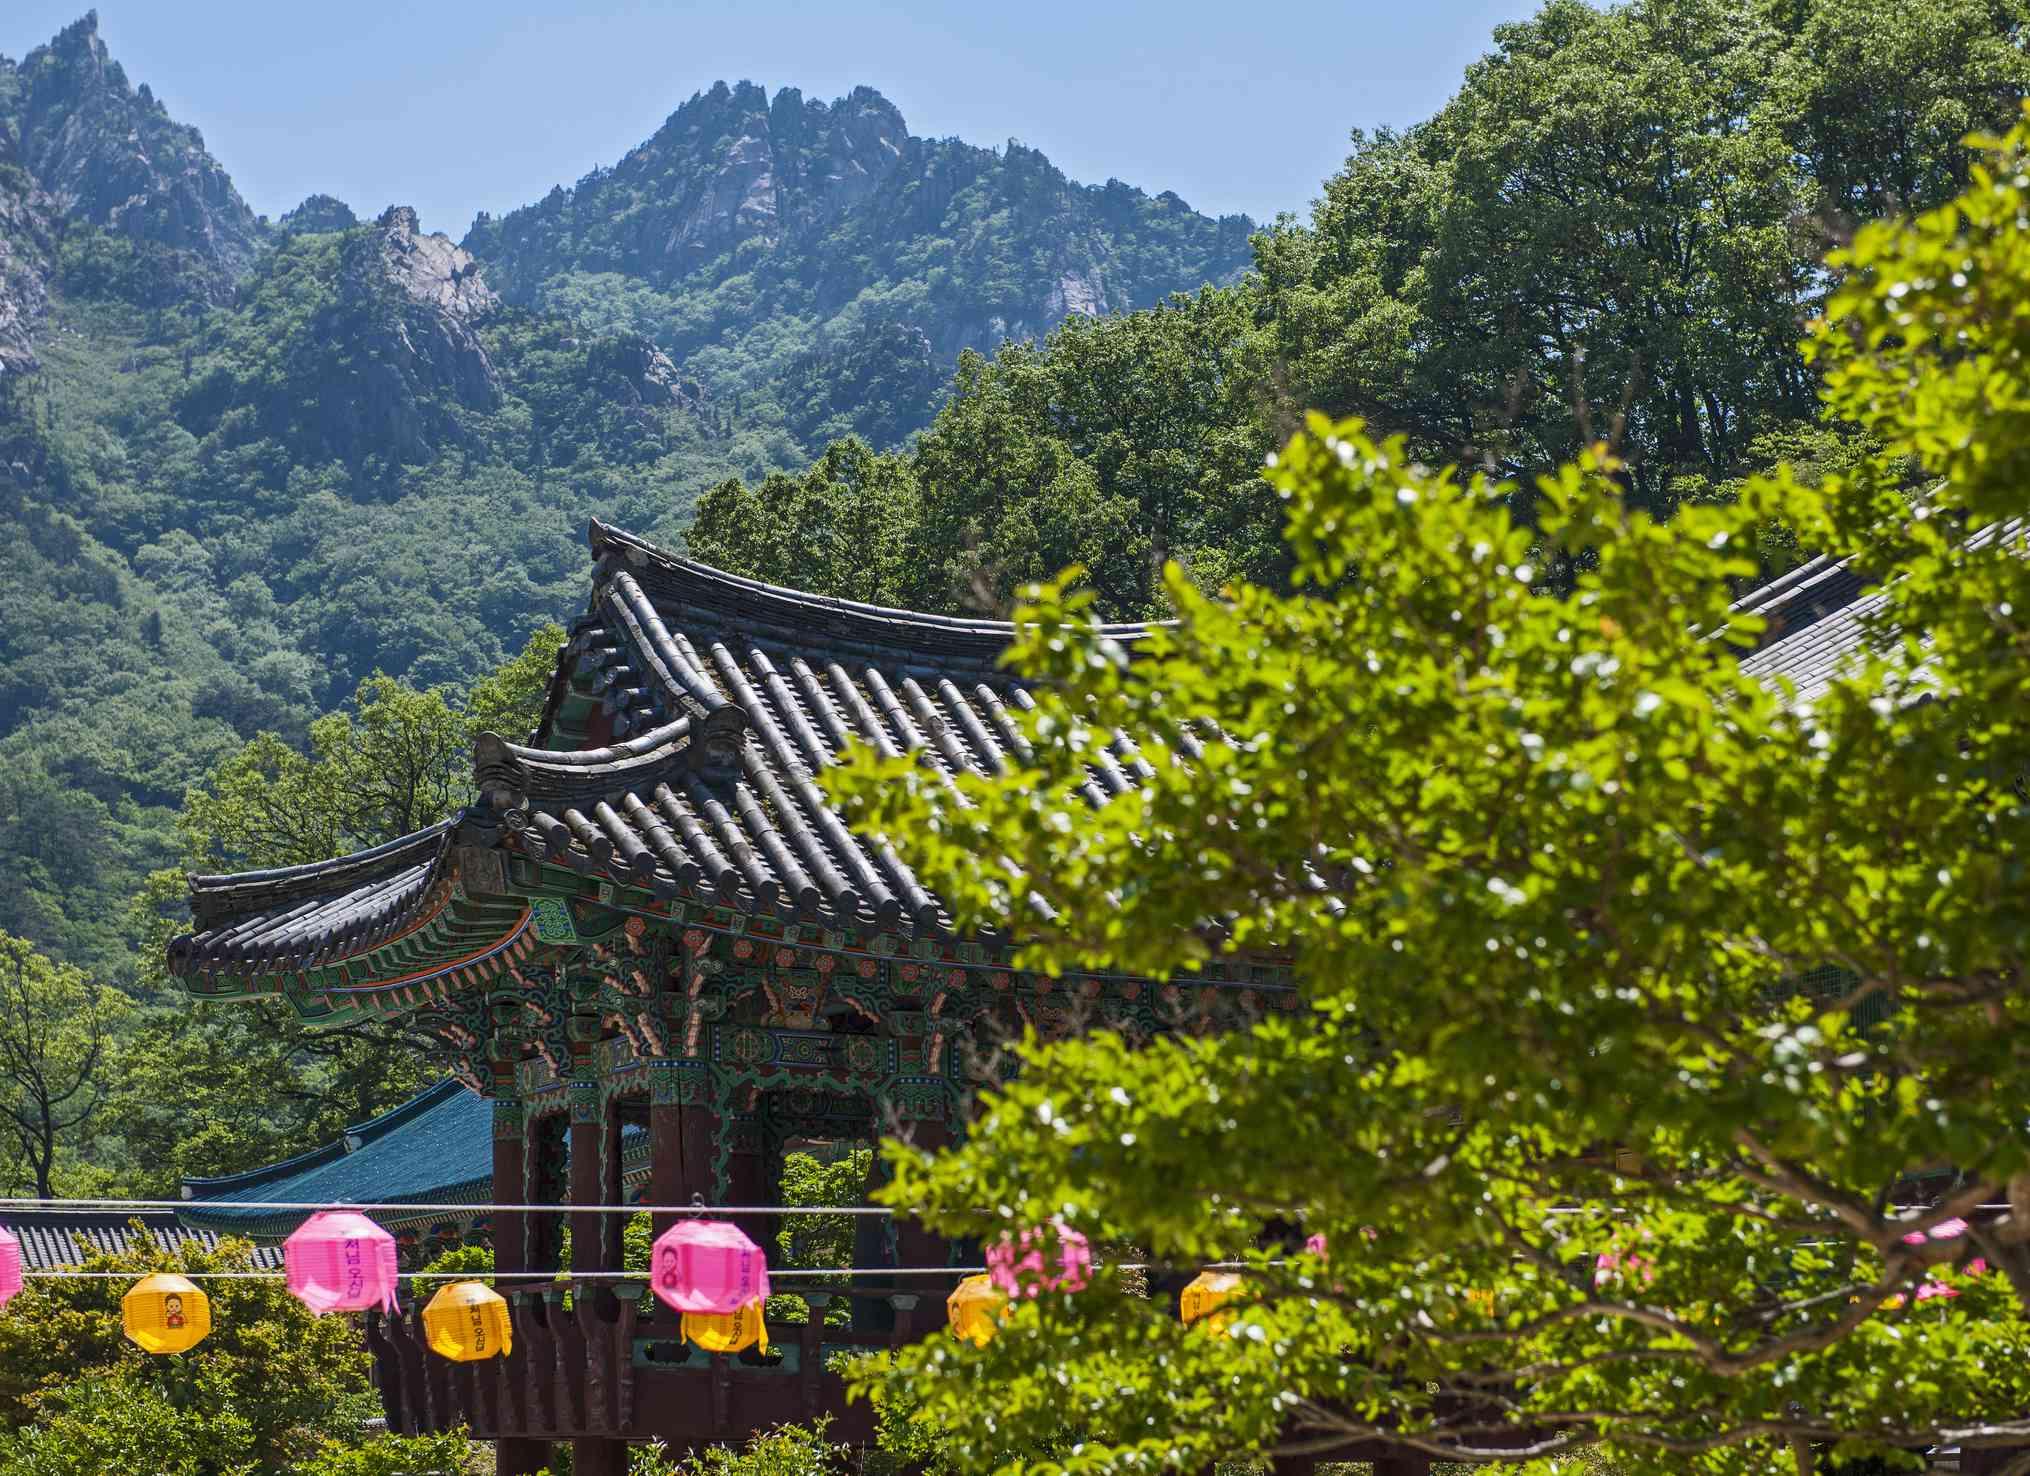 Temple at Seoraksan National Park, South Korea